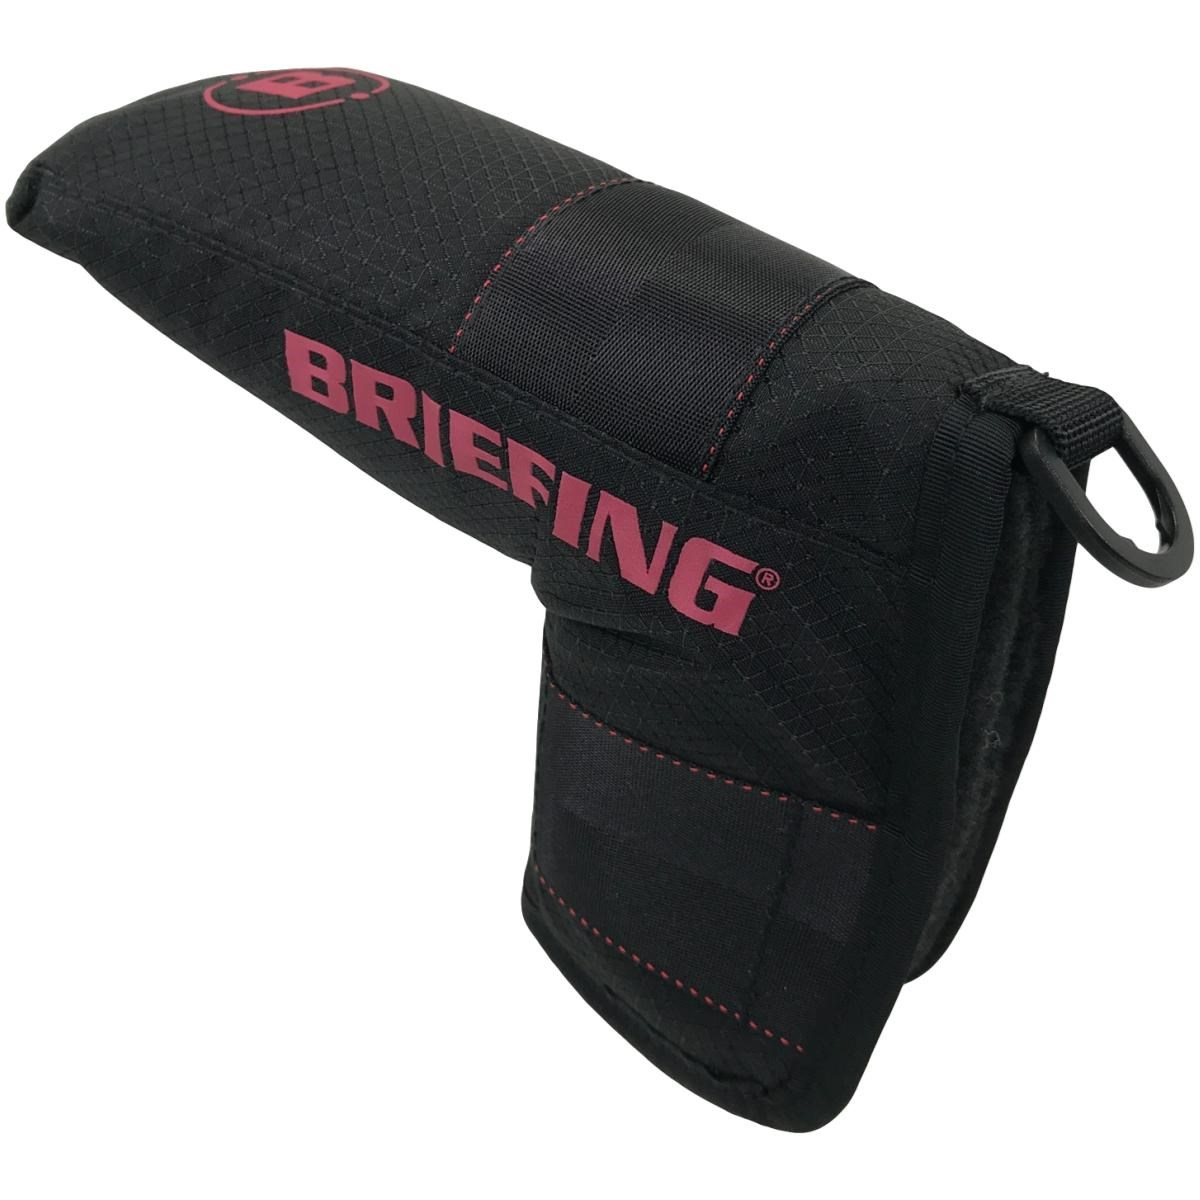 ブリーフィング SP パターカバー